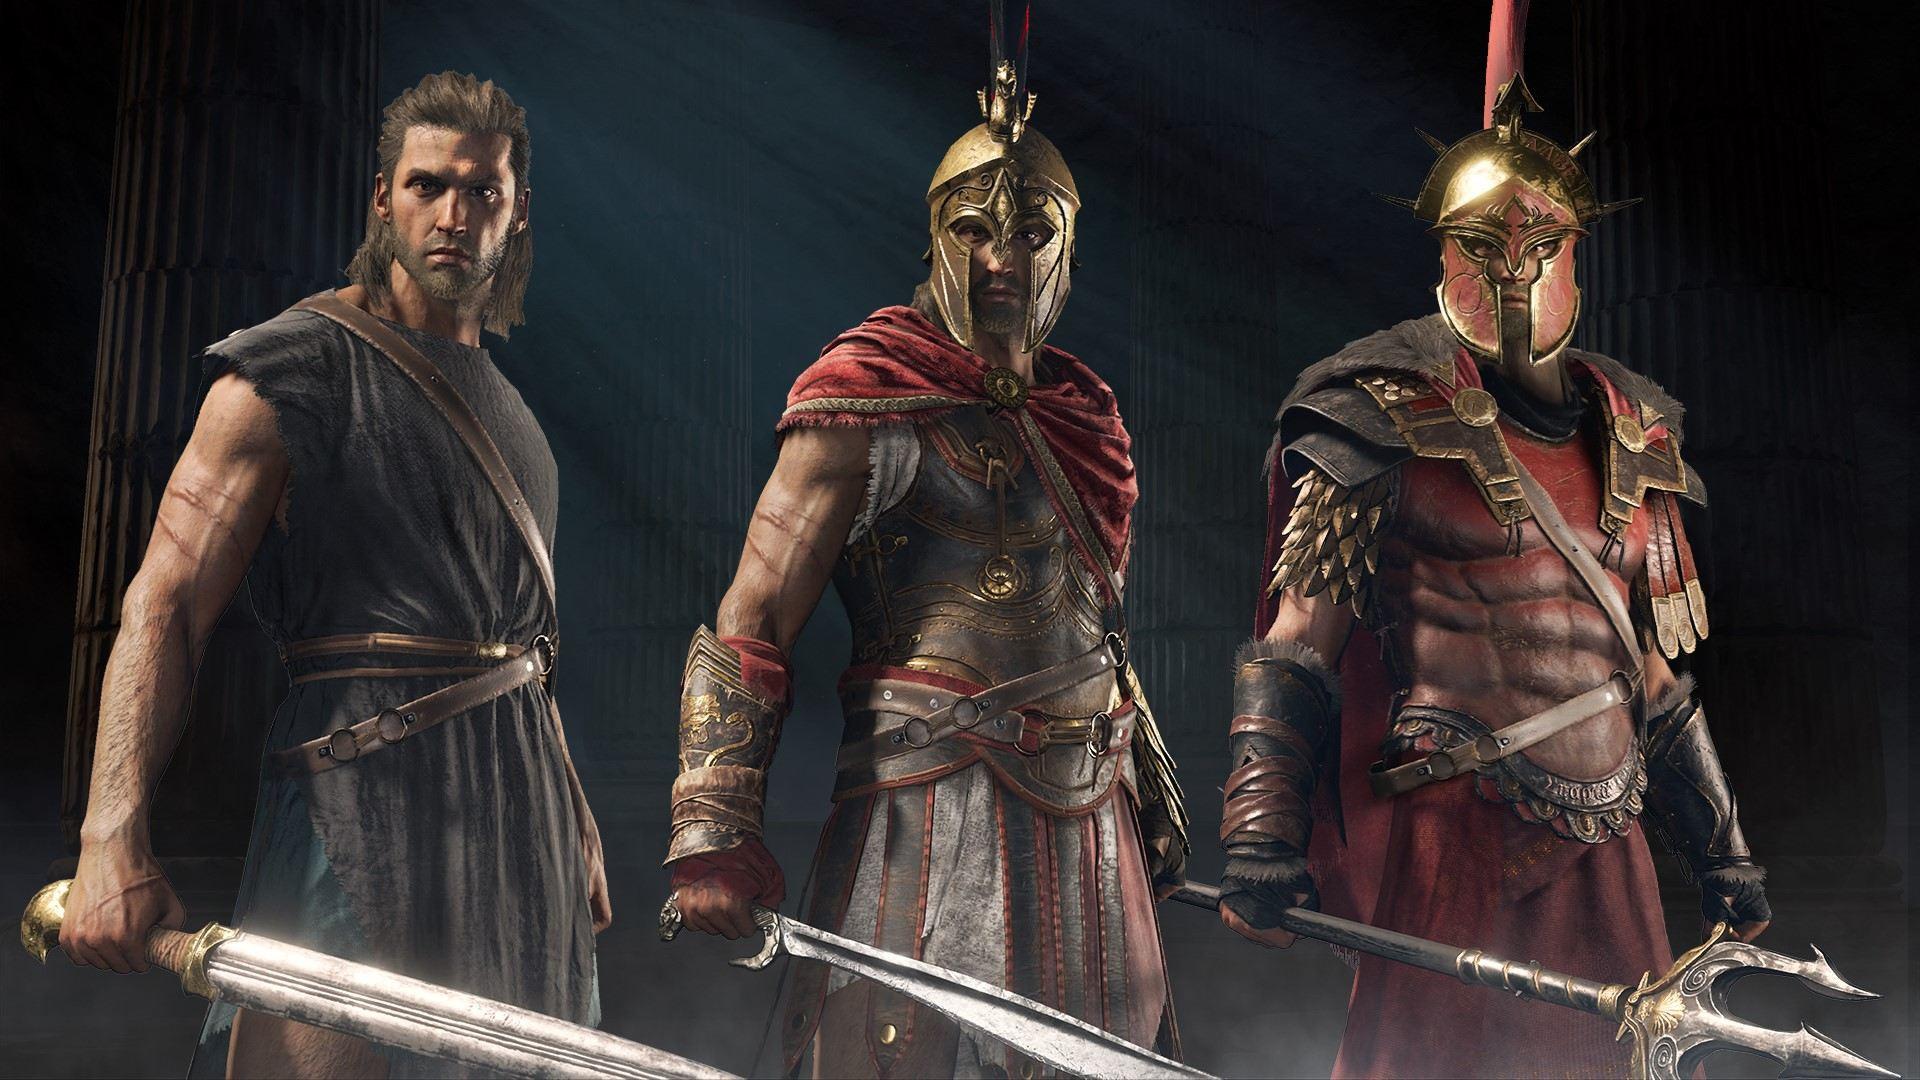 Появилось 11 минут нового геймплея Assassin's Creed Odyssey